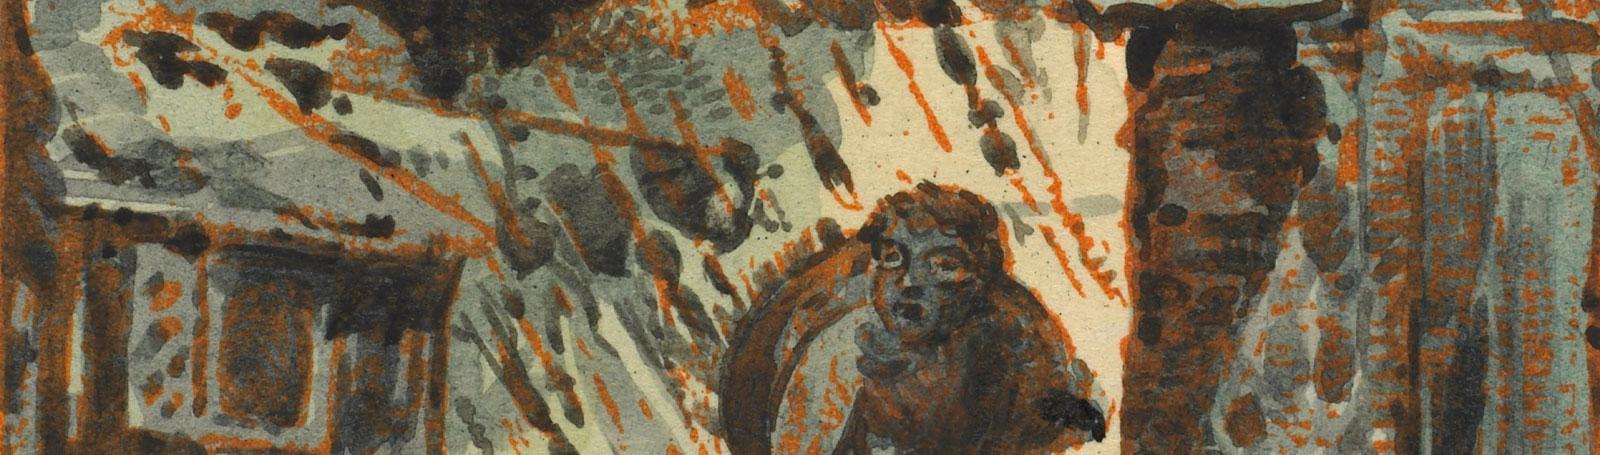 William Blake's radical politics